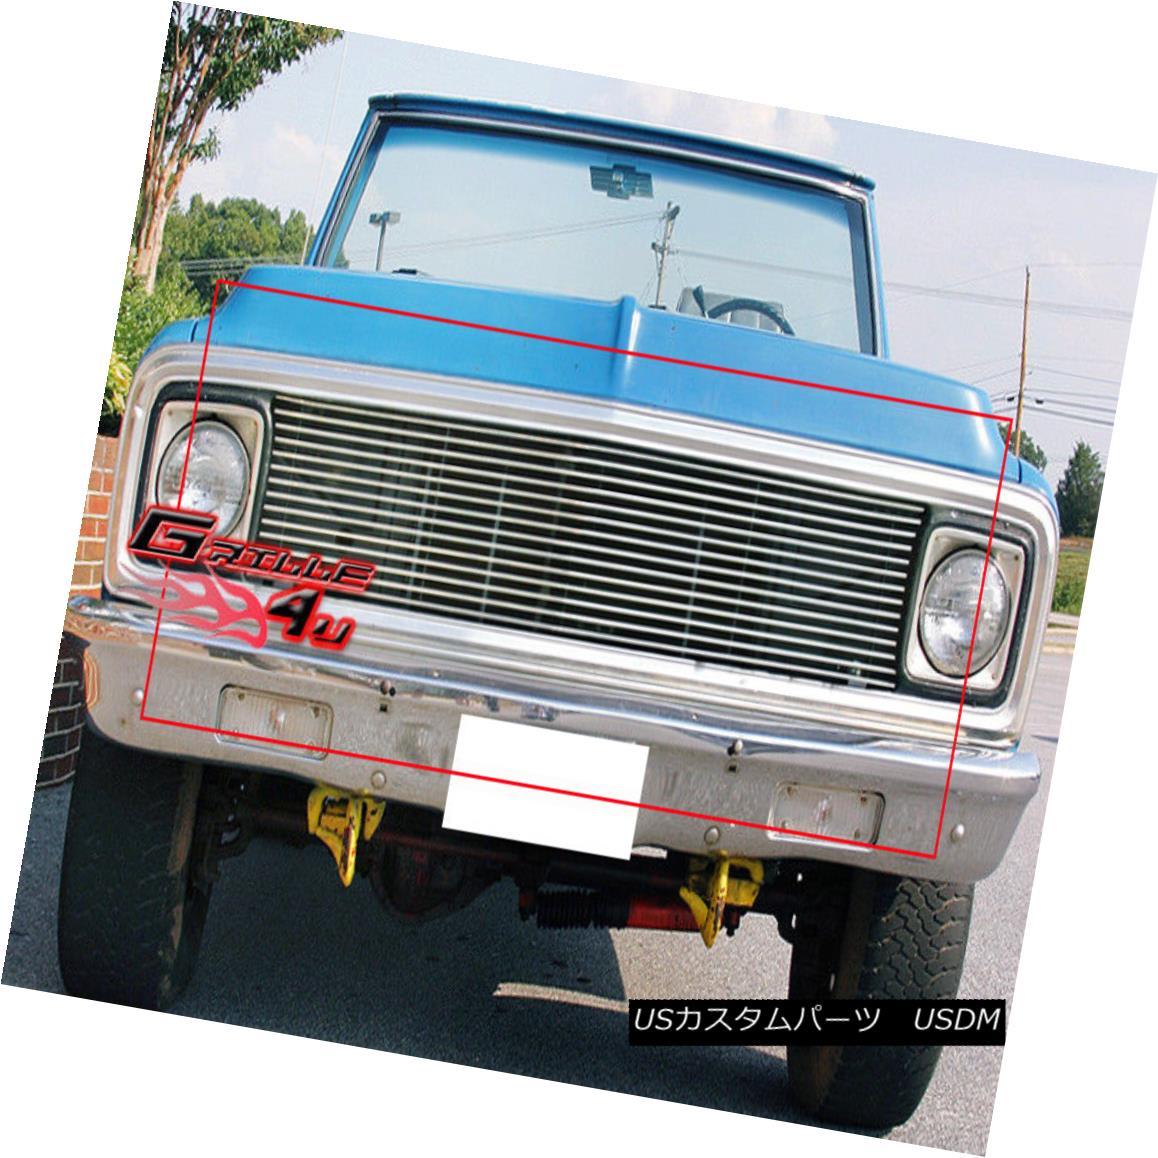 グリル Fits 1969-1972 Chevy C/K Pickup/Suburban/Blazer Billet Grille フィット1969-1972 Chevy C / Kピックアップ/サブバ n / Blazer Billet Grille